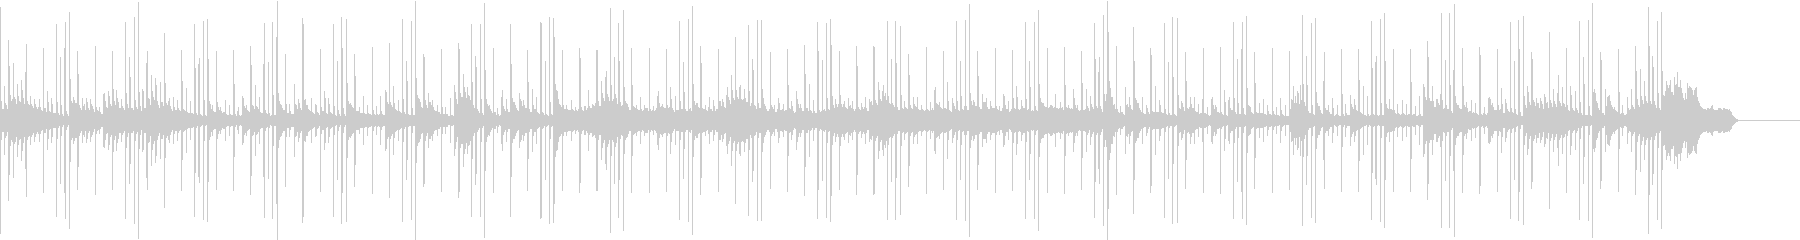 【ヒップホップ】どこか懐かしいサウンドの未再生の波形